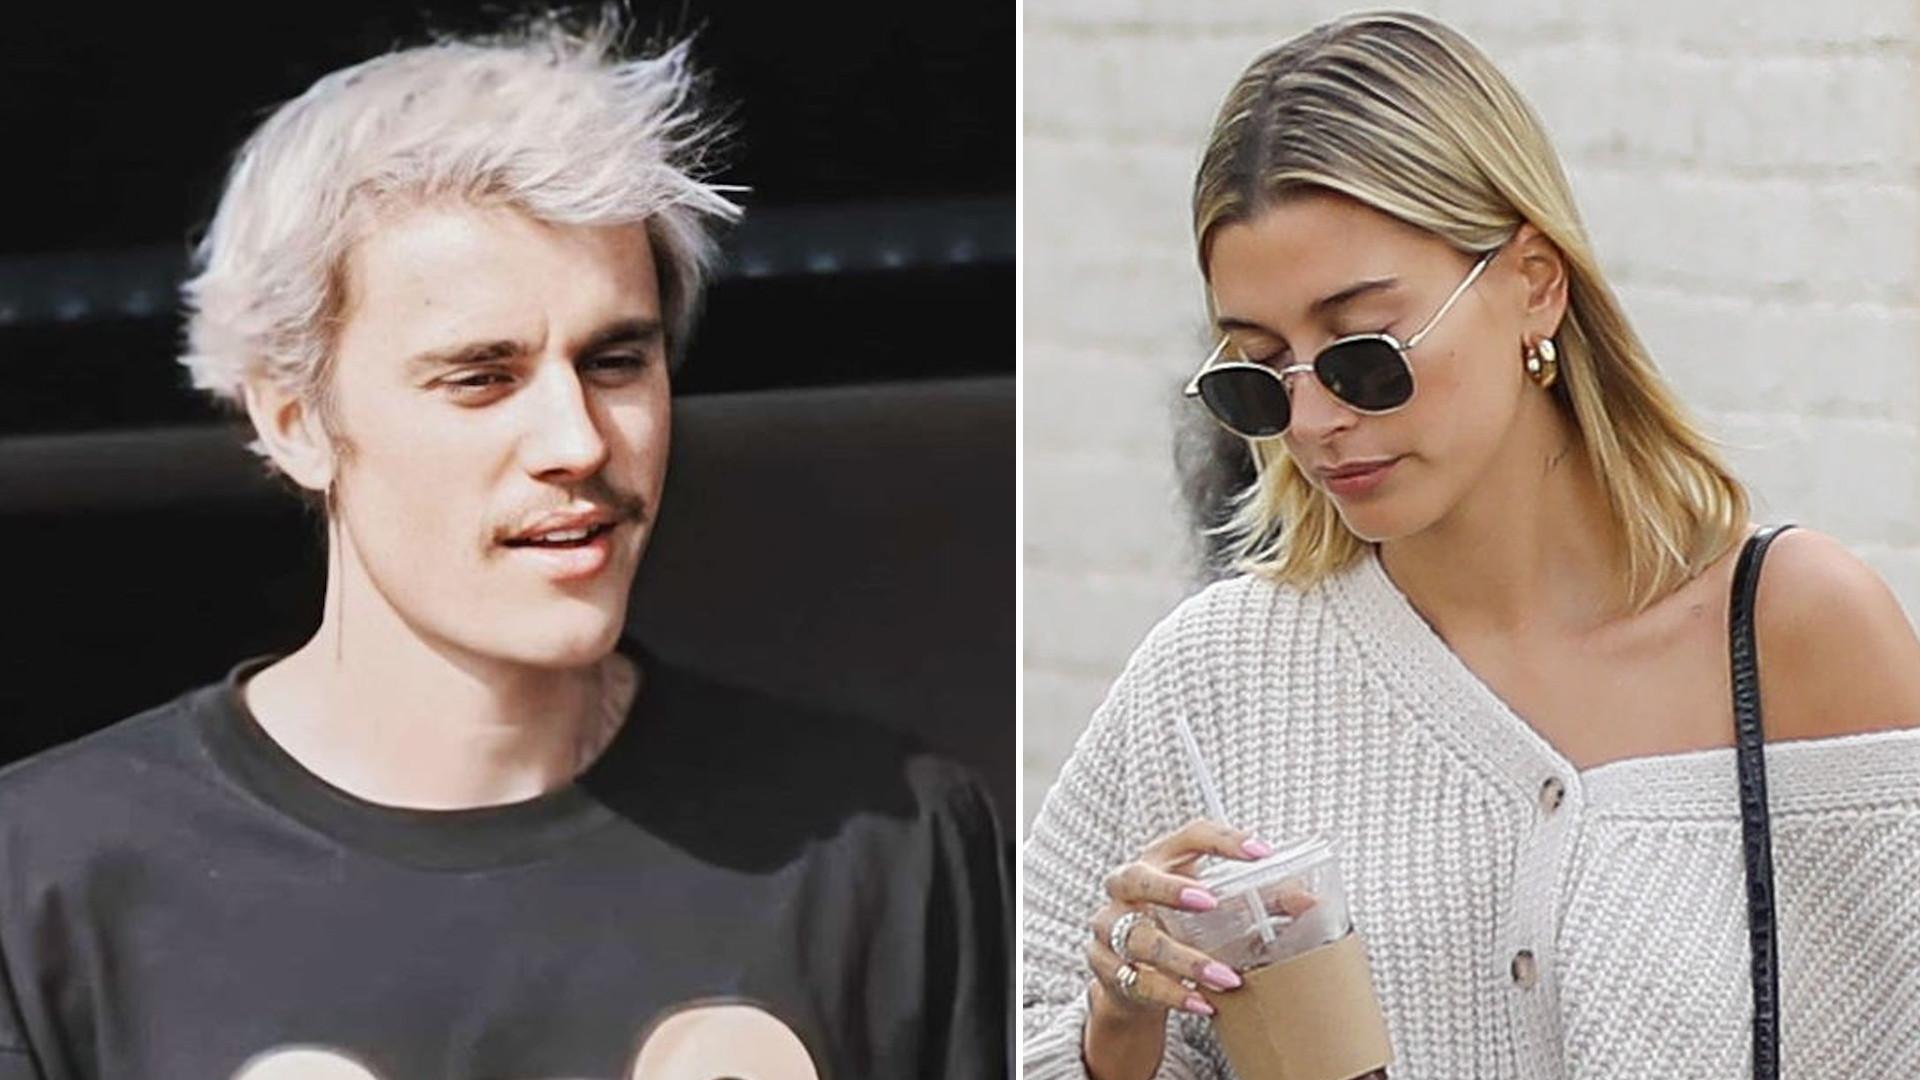 Justin Bieber dał znak, że jego żona Hailey jest W CIĄŻY? W sieci zawrzało